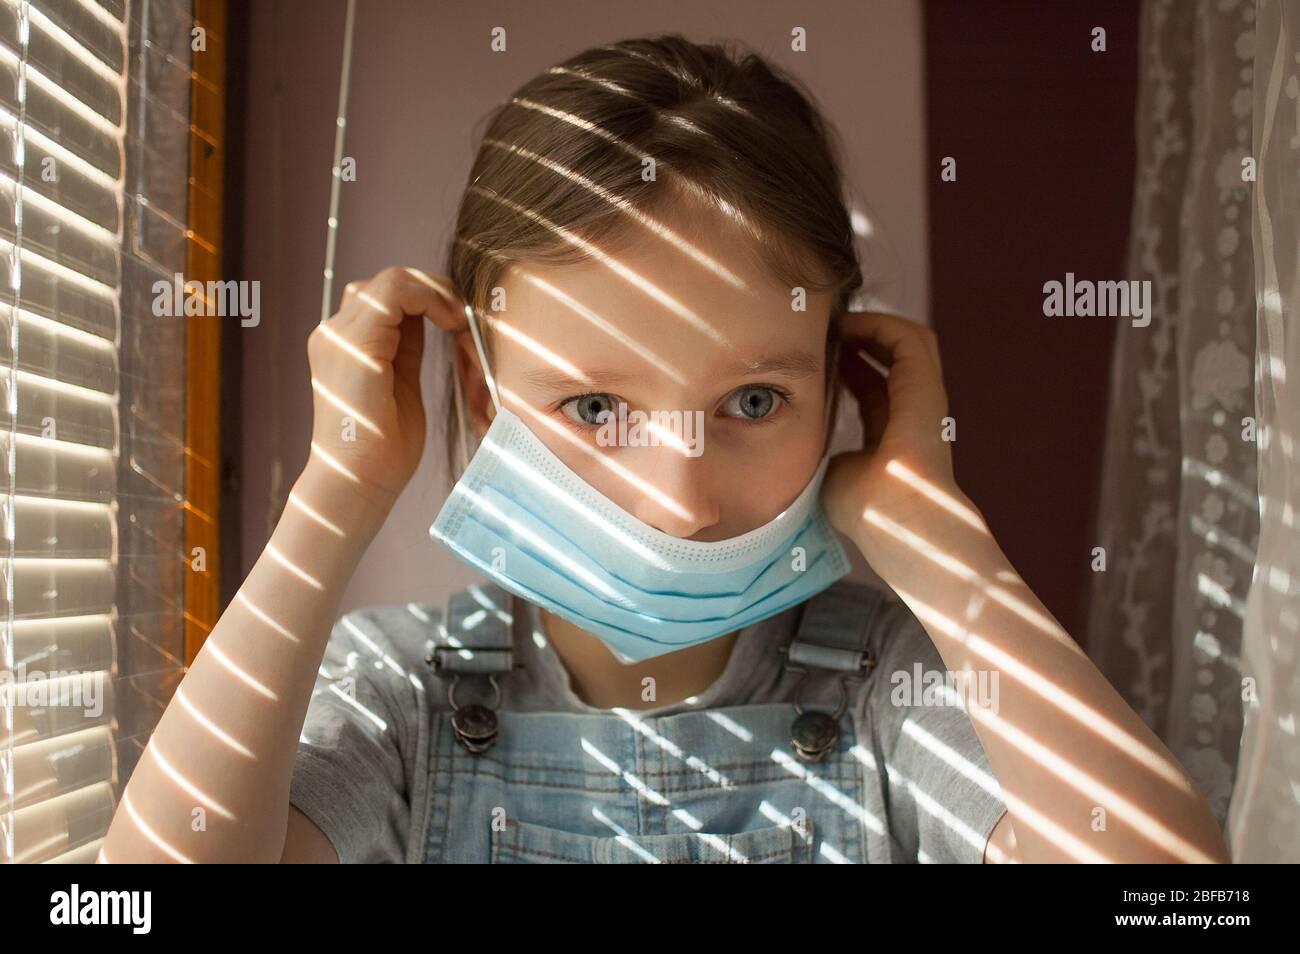 Das kleine Mädchen sitzt auf der Fensterbank und versucht, ihr während der Selbstisolation zu Hause wegen des Coronavirus eine Schutzmaske ins Gesicht zu legen Stockfoto